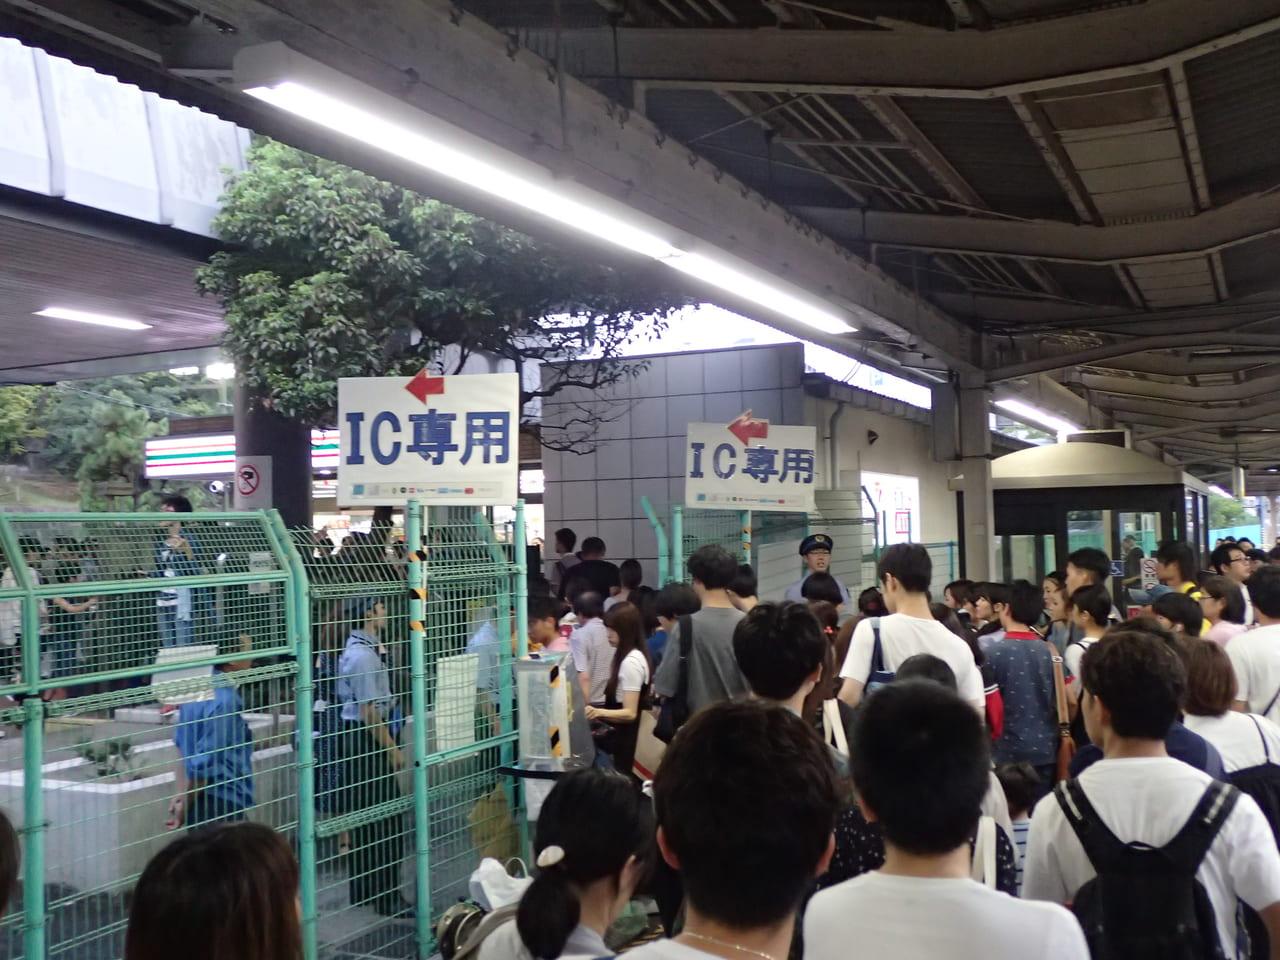 JR伊丹駅臨時改札口